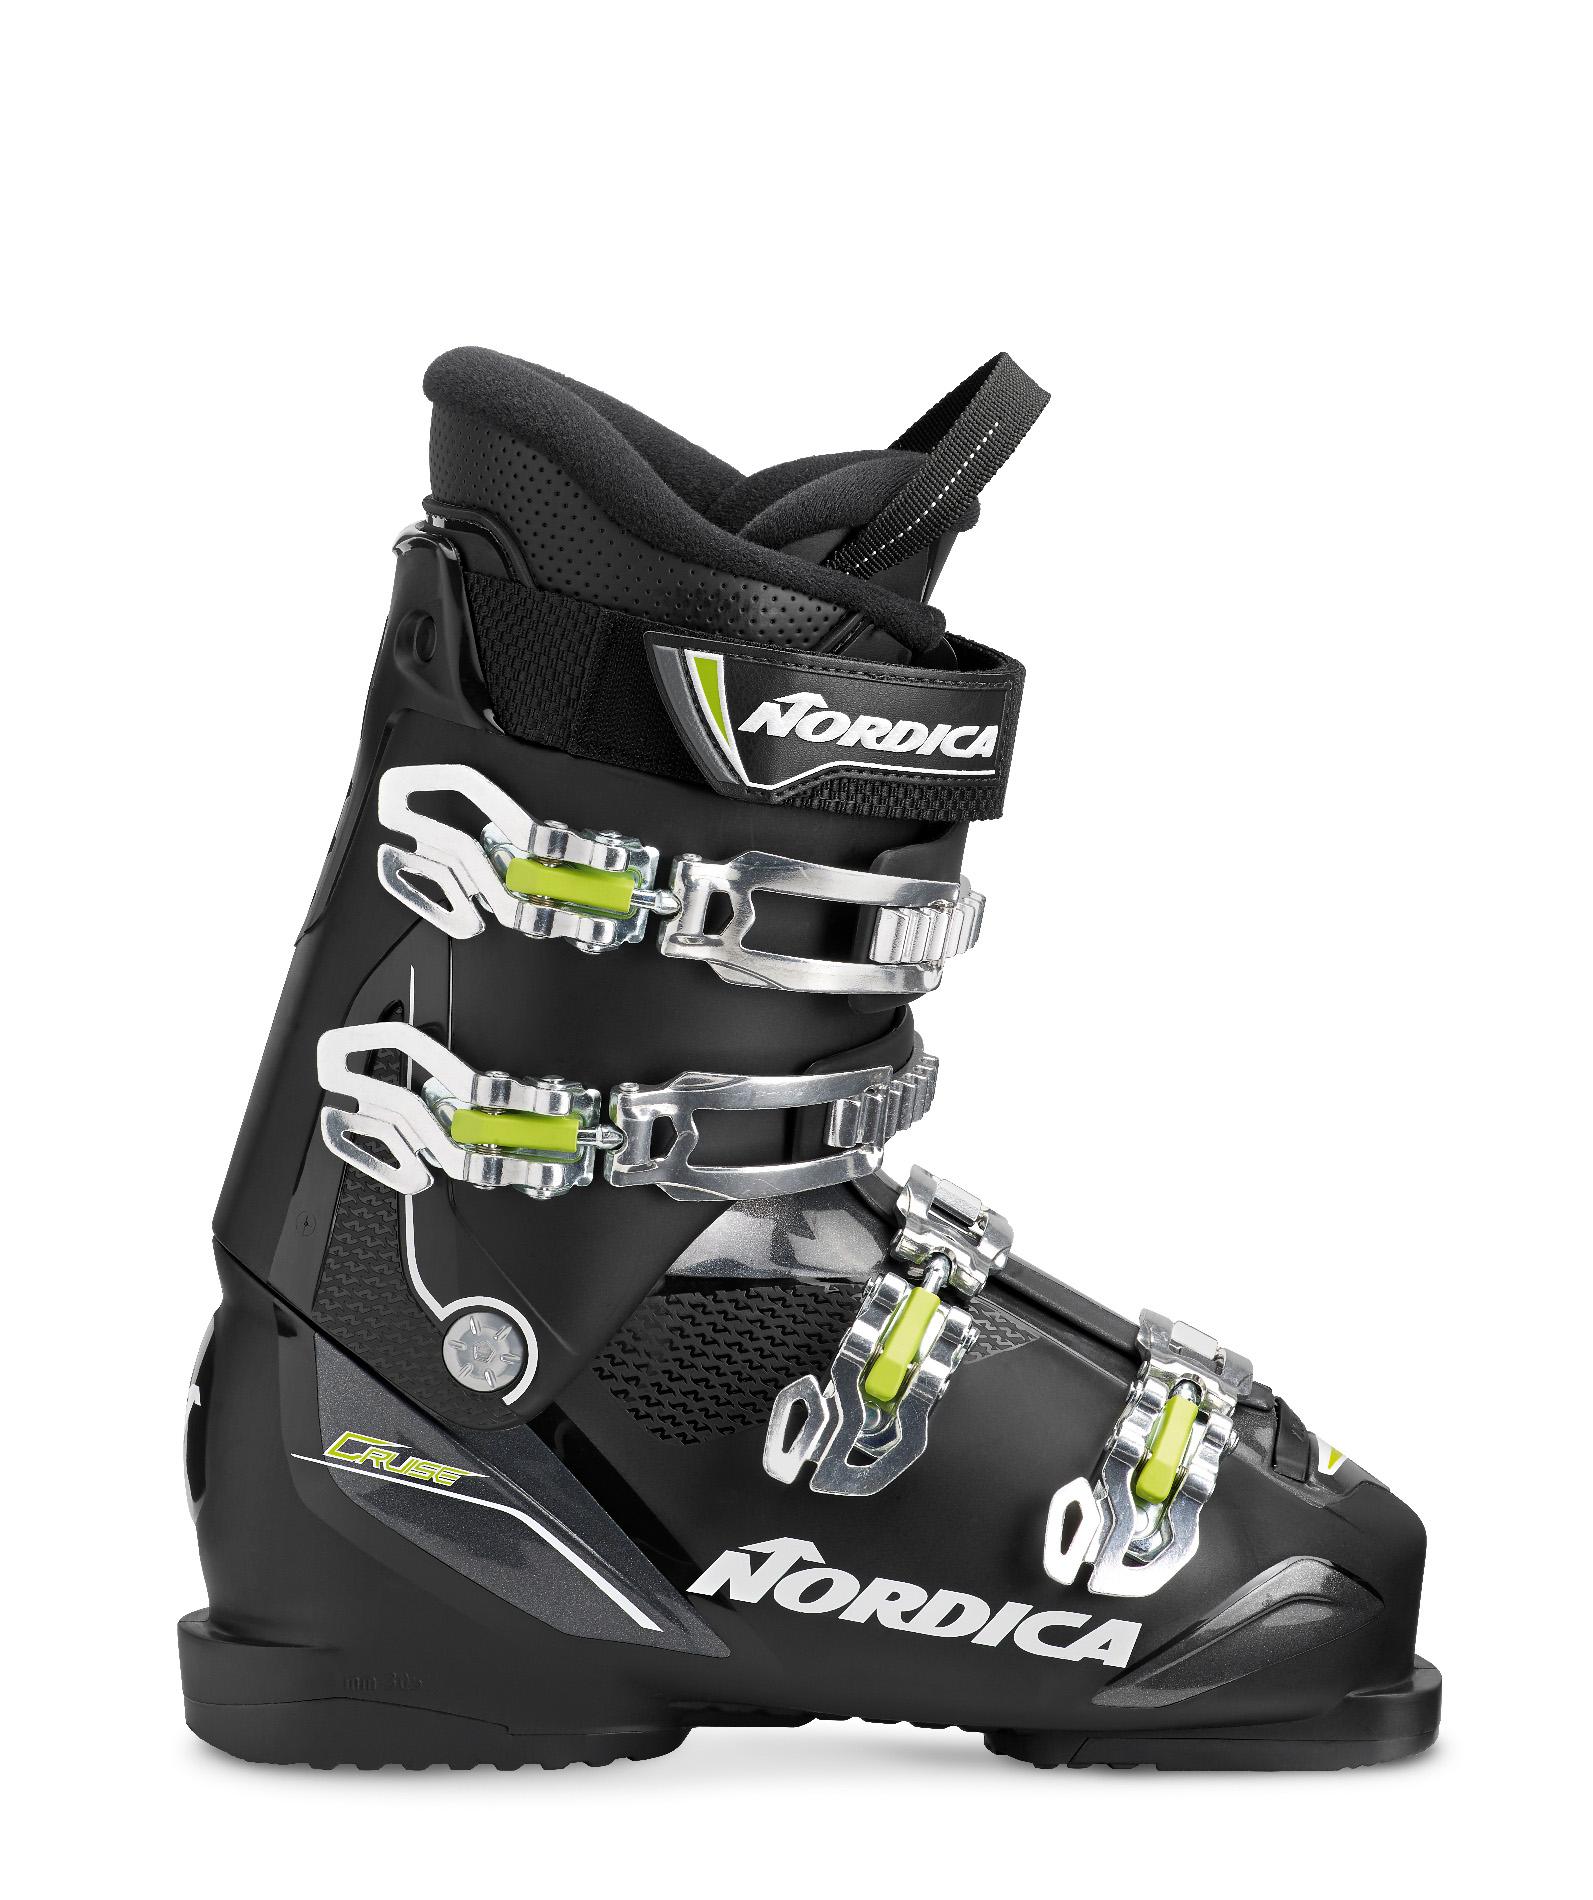 Suchergebnis auf für: Intersport GP Schuhe